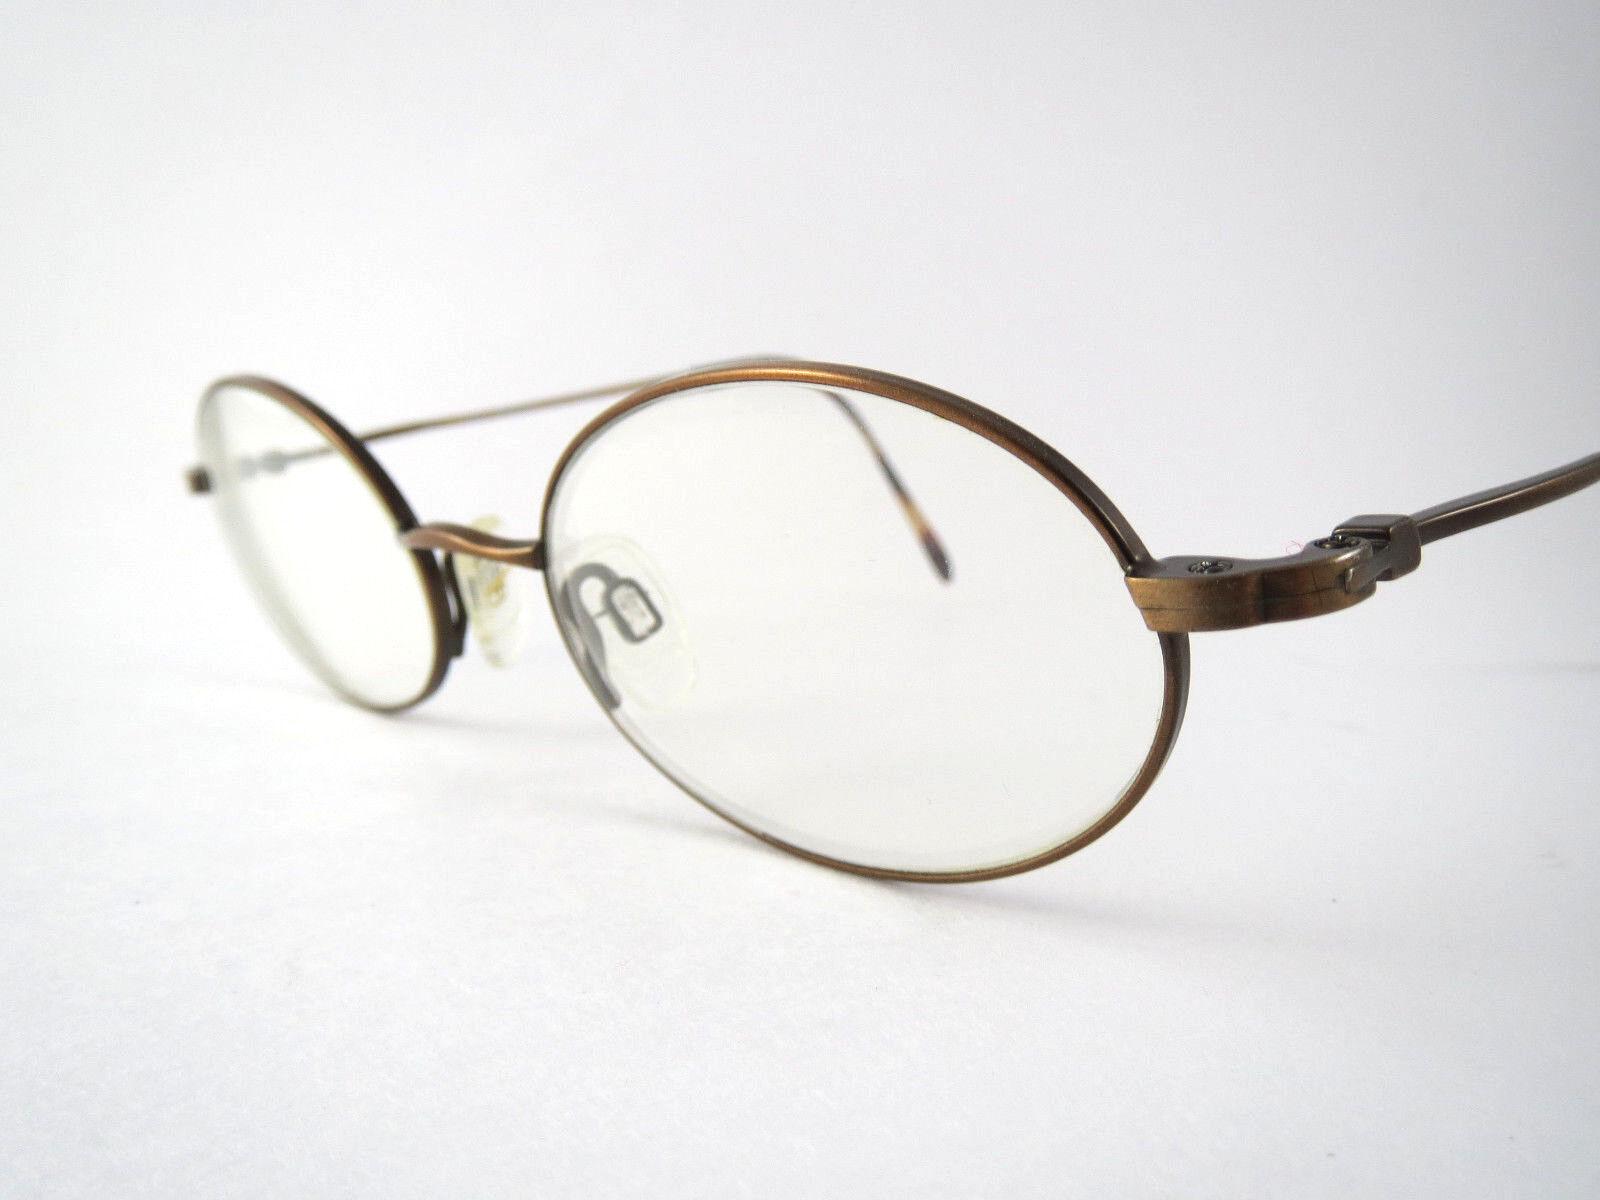 Tura Mod N436 Made in Japan Eyeglasses Frames 49-18 125mm DESIGNER ...